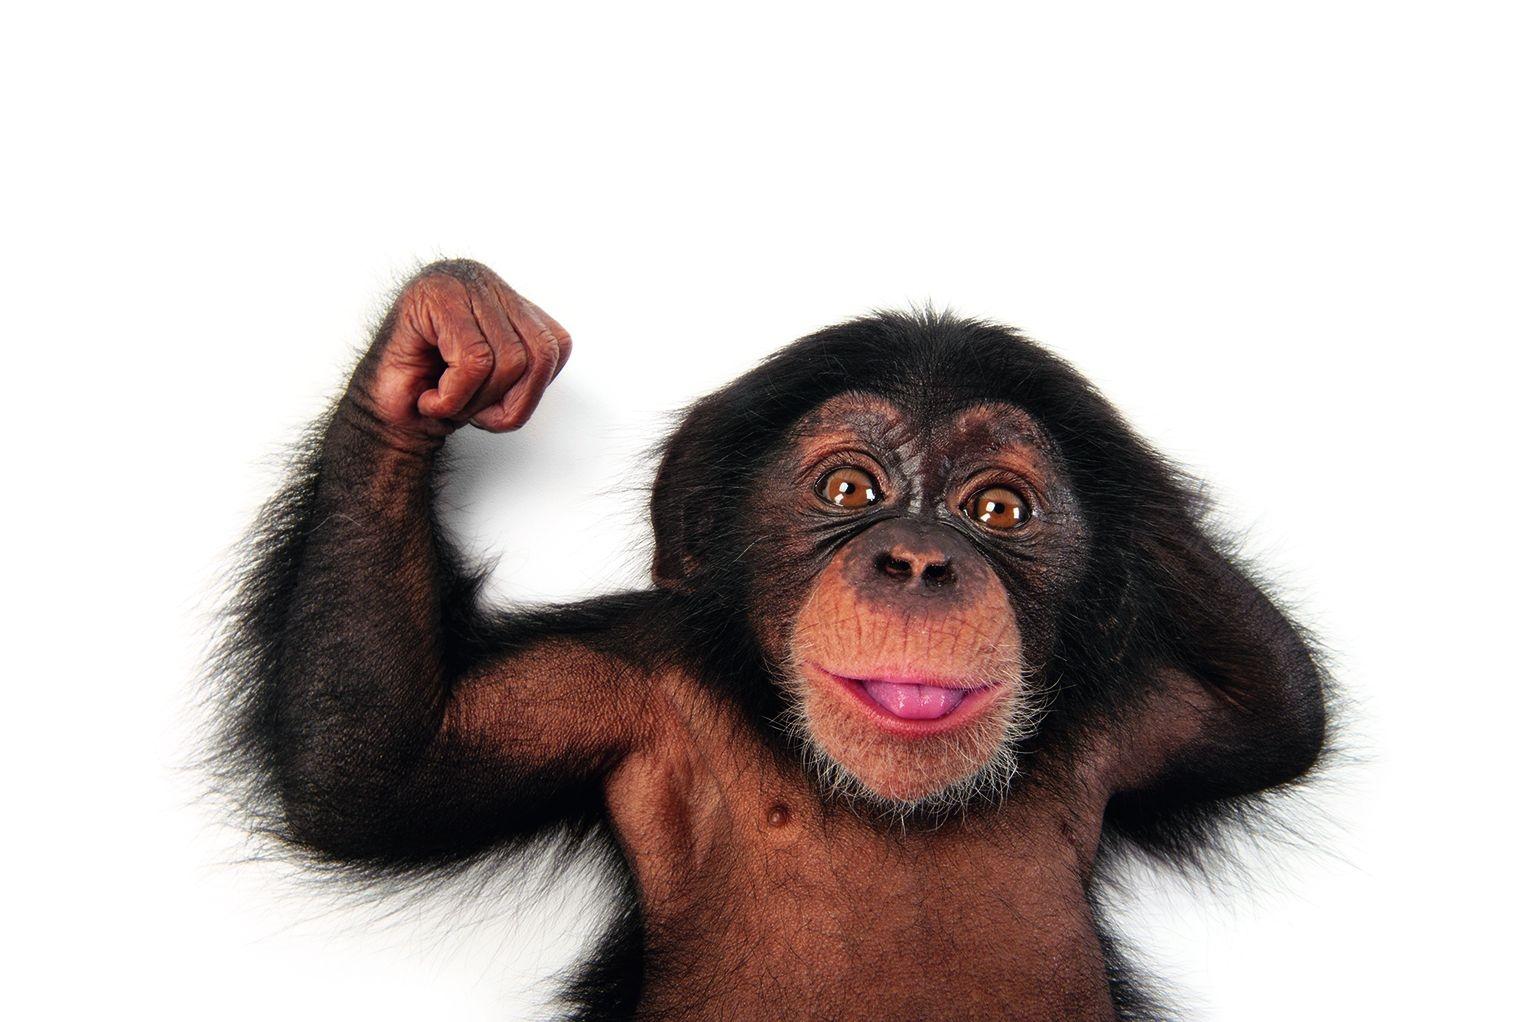 這隻黑猩猩寶寶是在美國坦帕市的勞瑞公園動物園拍攝的。PHOTO: JOEL SARTORE